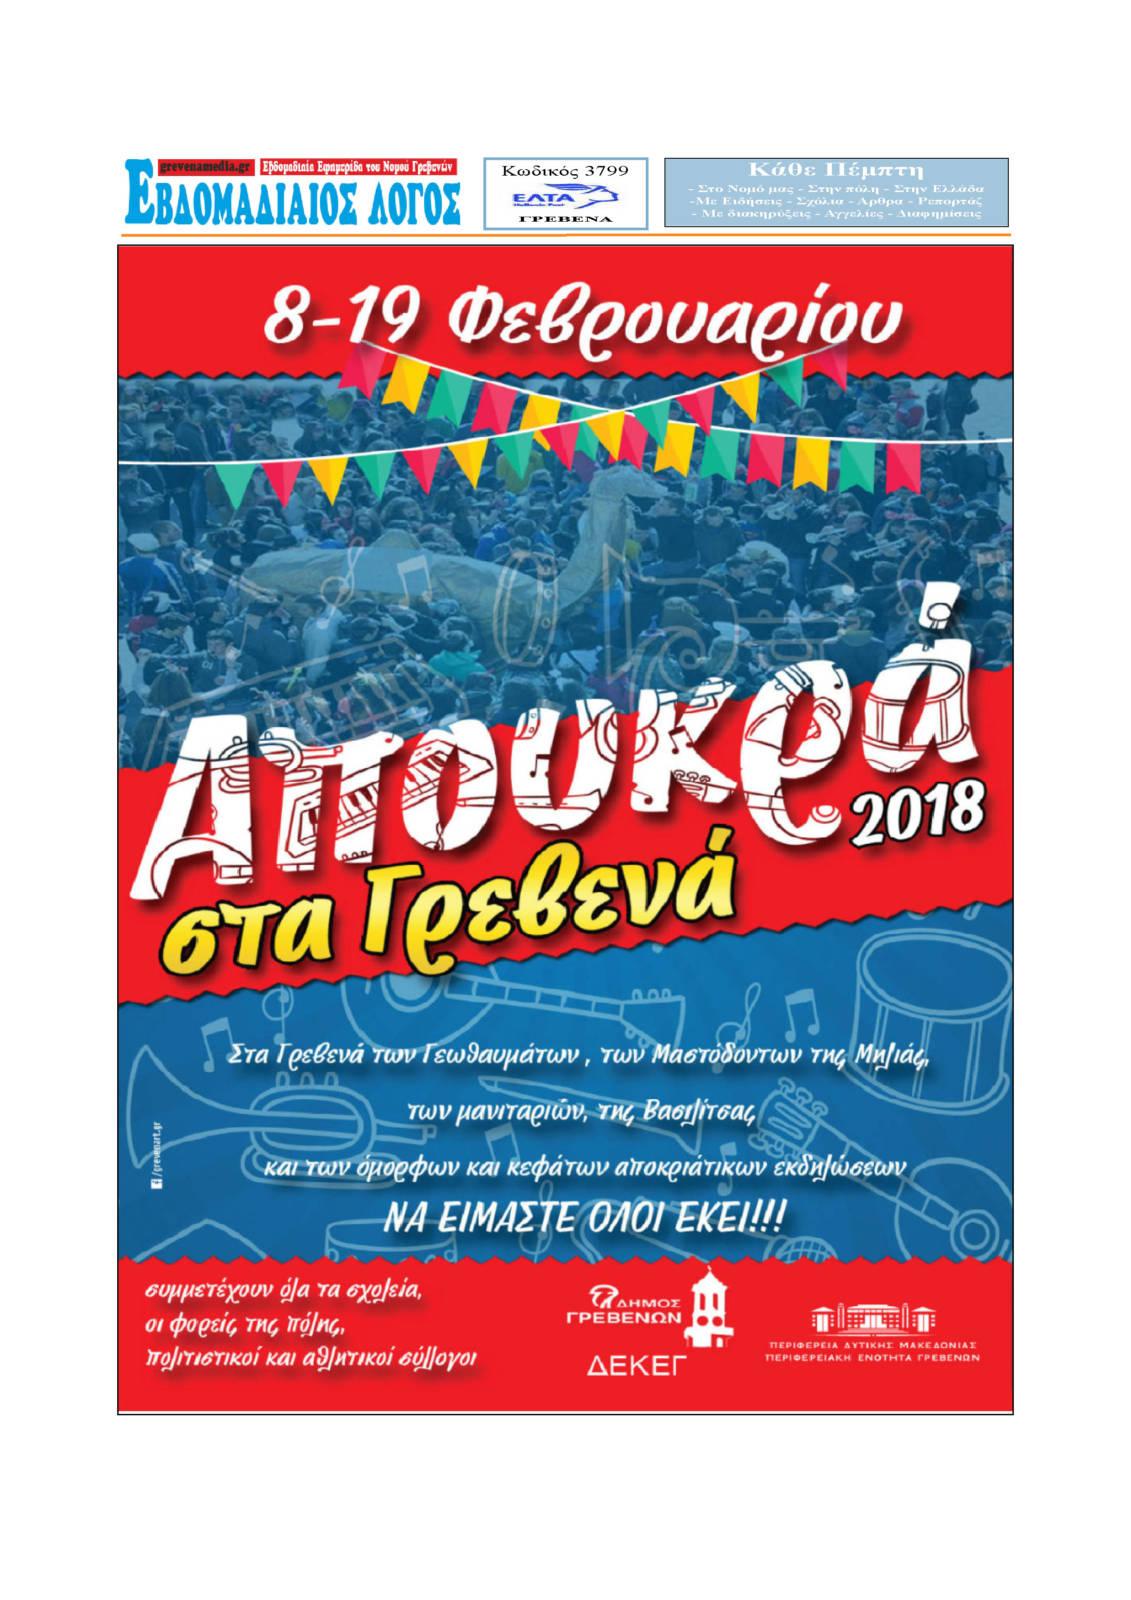 Το σημερινό πρόγραμμα των αποκριάτικων εκδηλώσεων στην πόλη των Γρεβενών